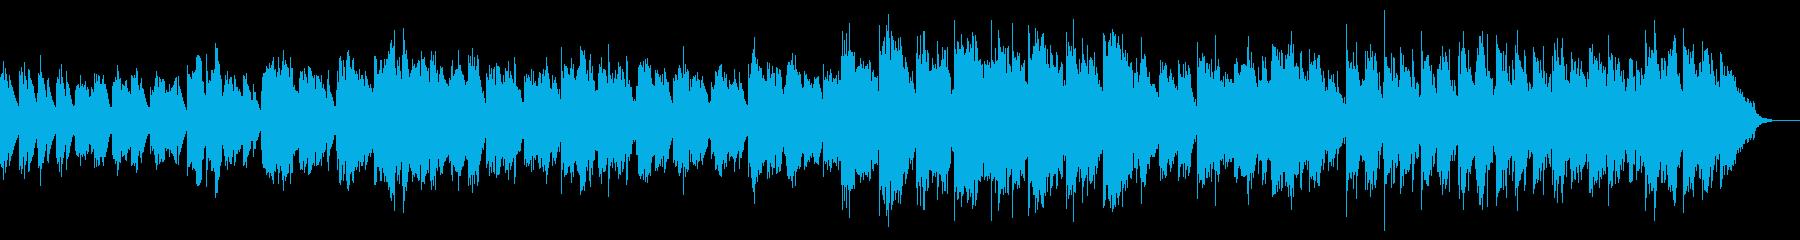 温かみのある柔らかい繊細なサウンドの再生済みの波形